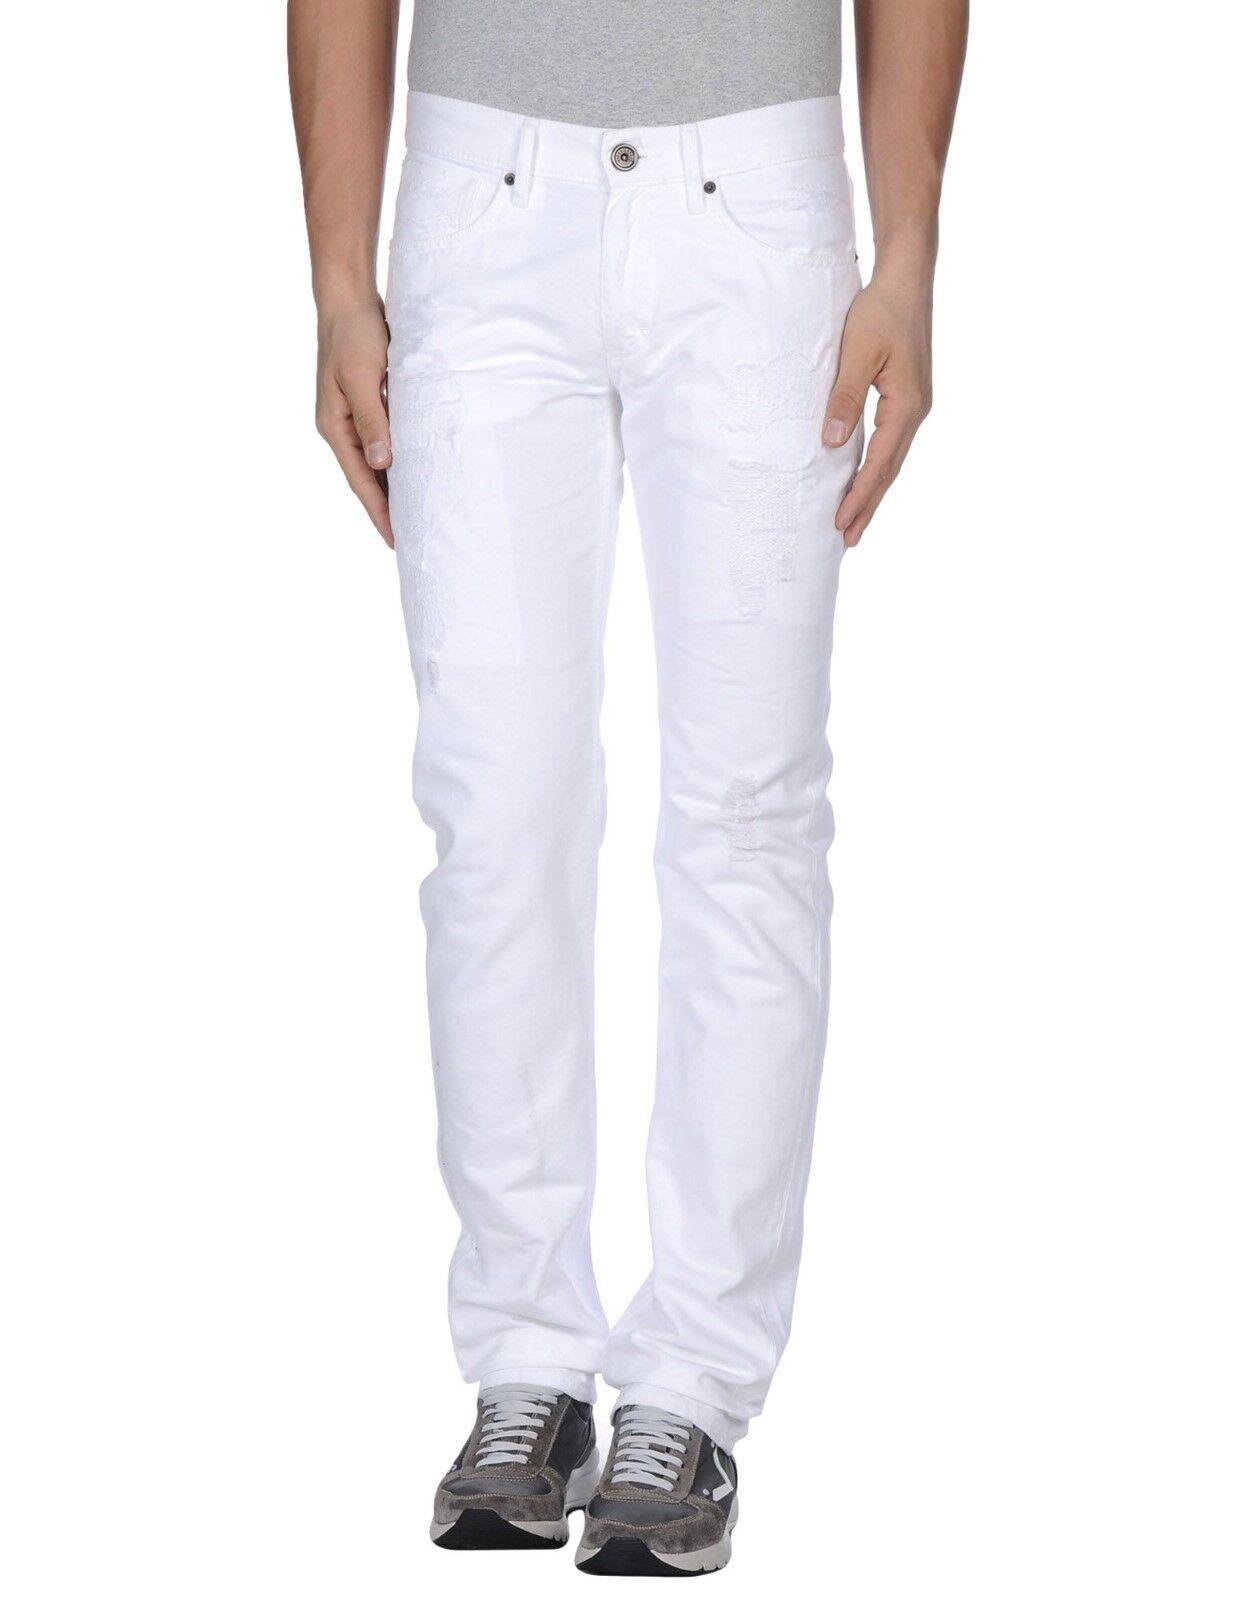 Bikkembergs Weiß Distress Detail Denim Trousers Jeans - W32 L32